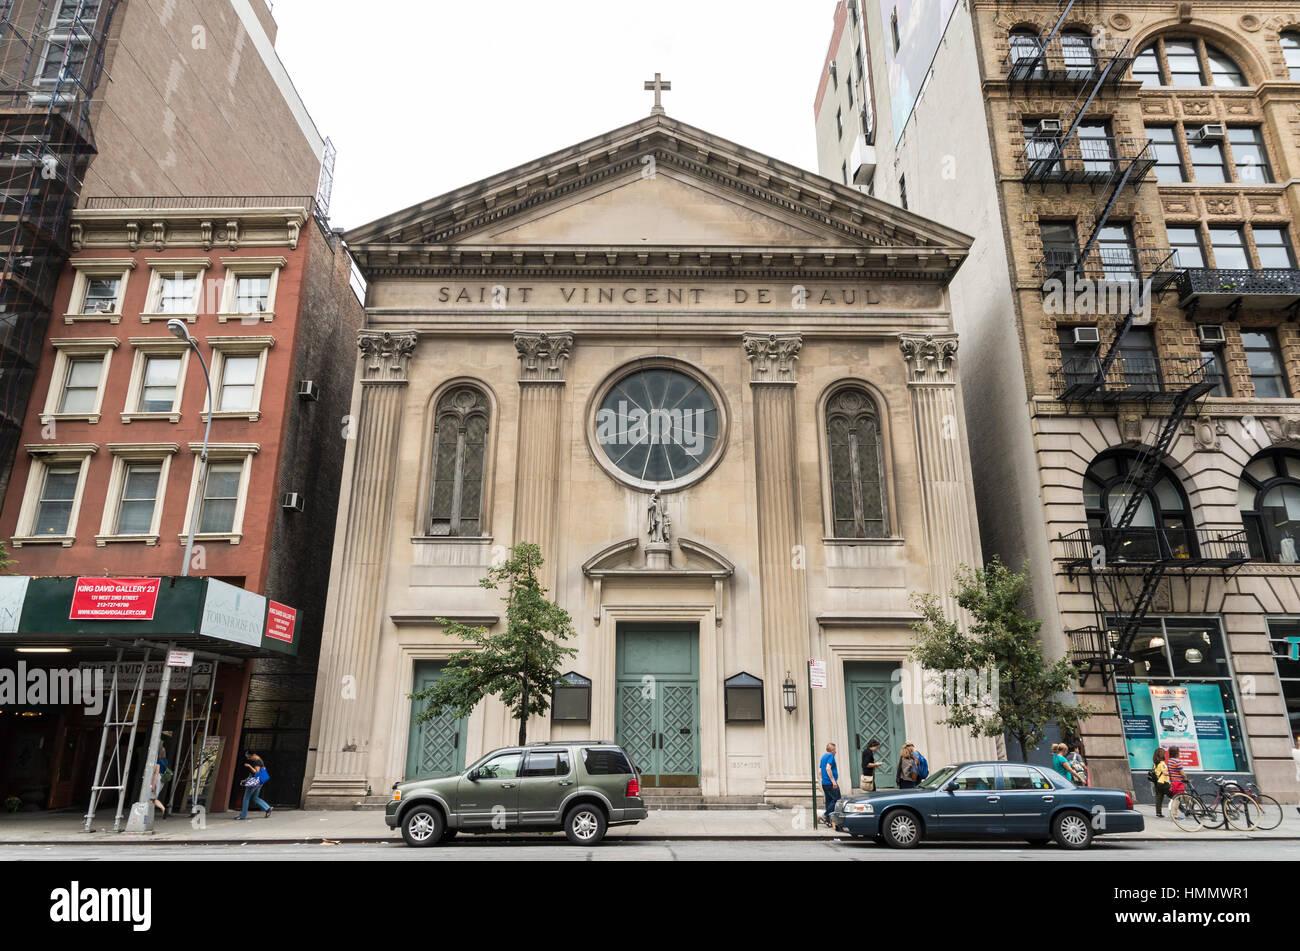 Fachada exterior de la iglesia de San Vicente de Paúl en Manhattan, Nueva York, EE.UU. Imagen De Stock